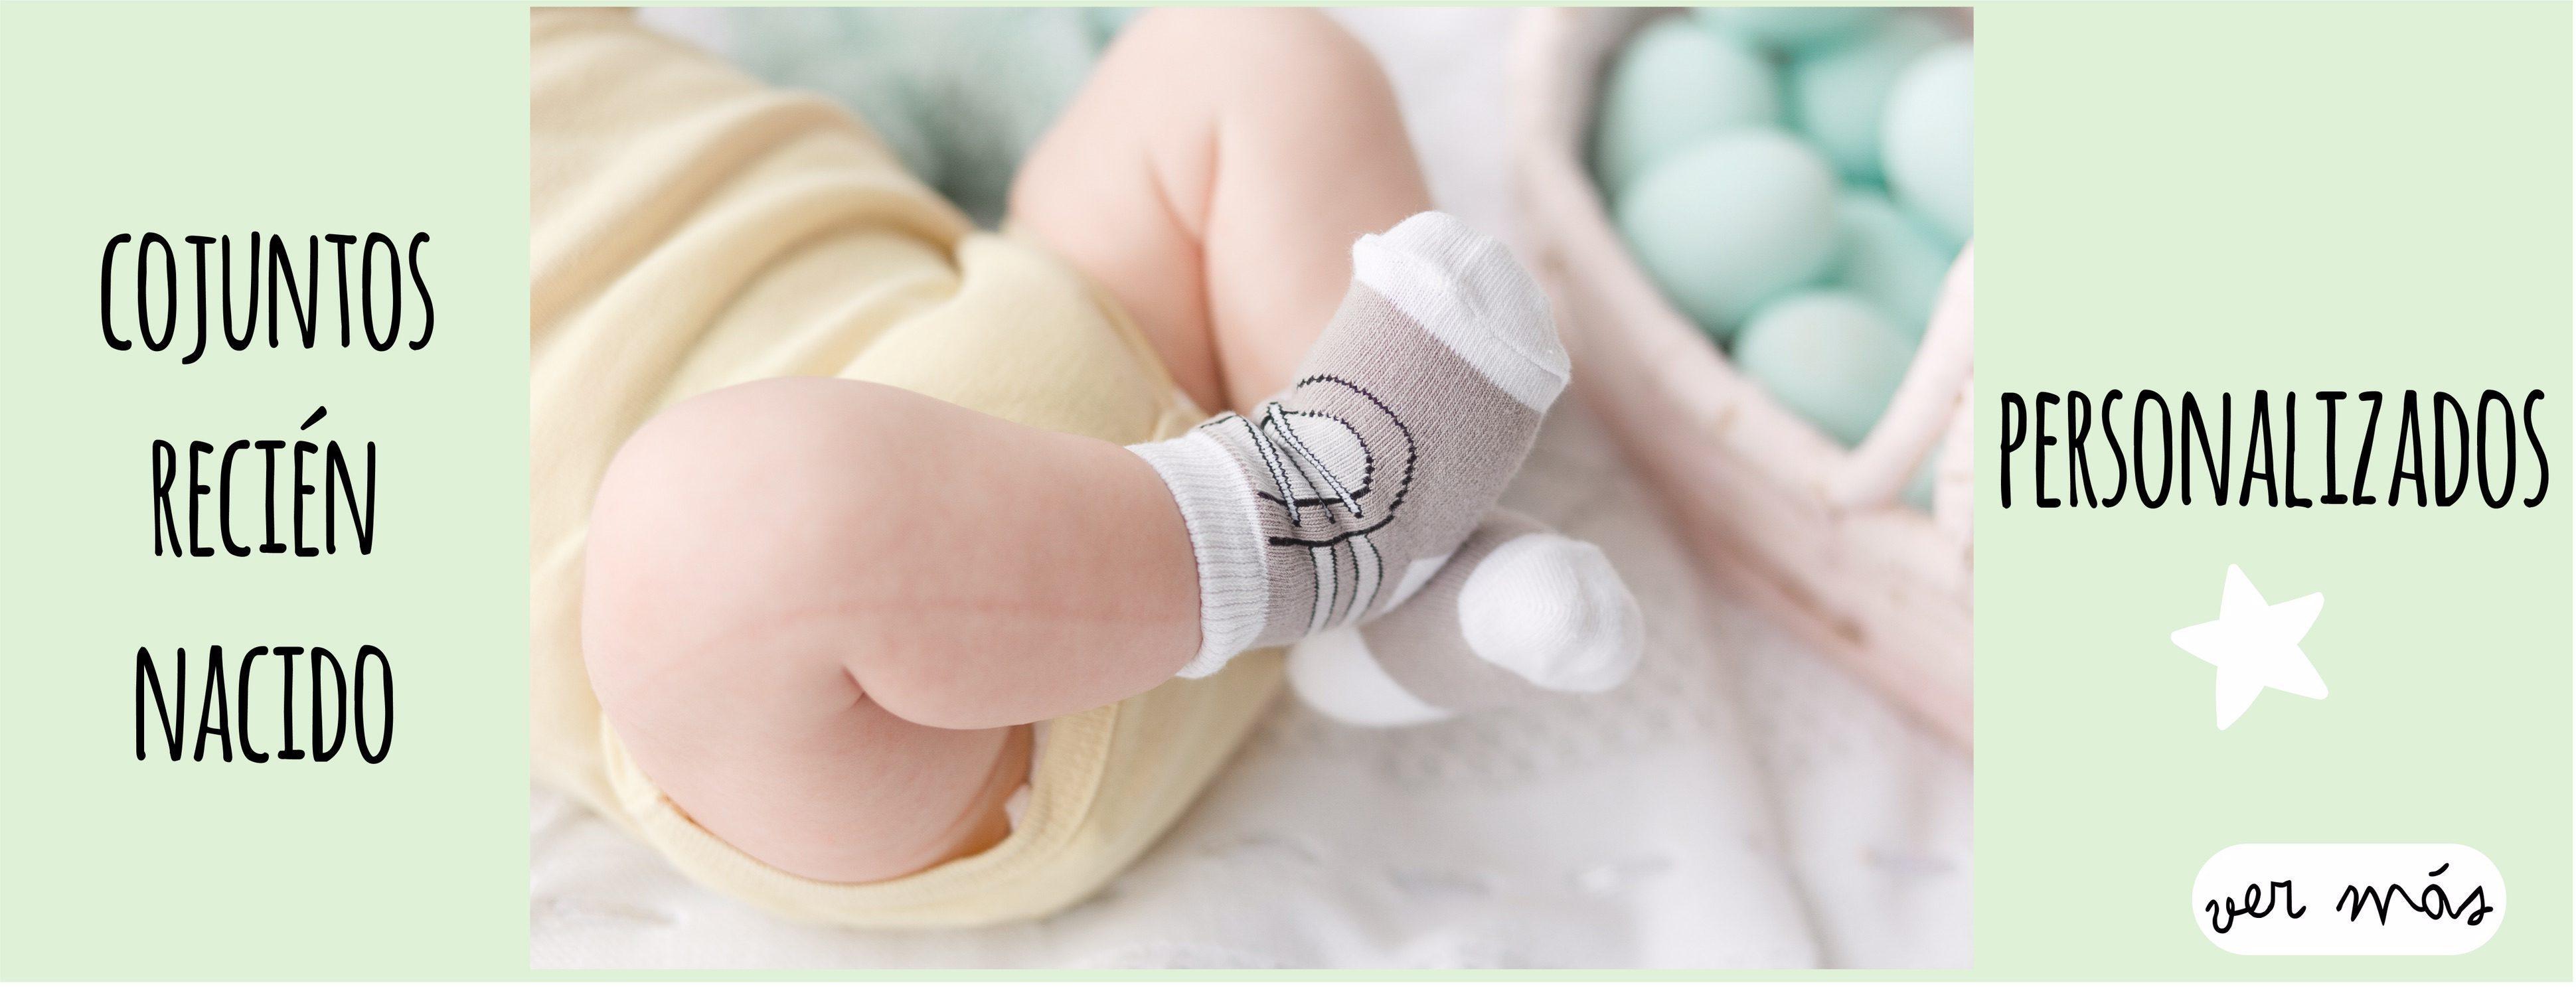 Conjuntos recién nacido personalizados